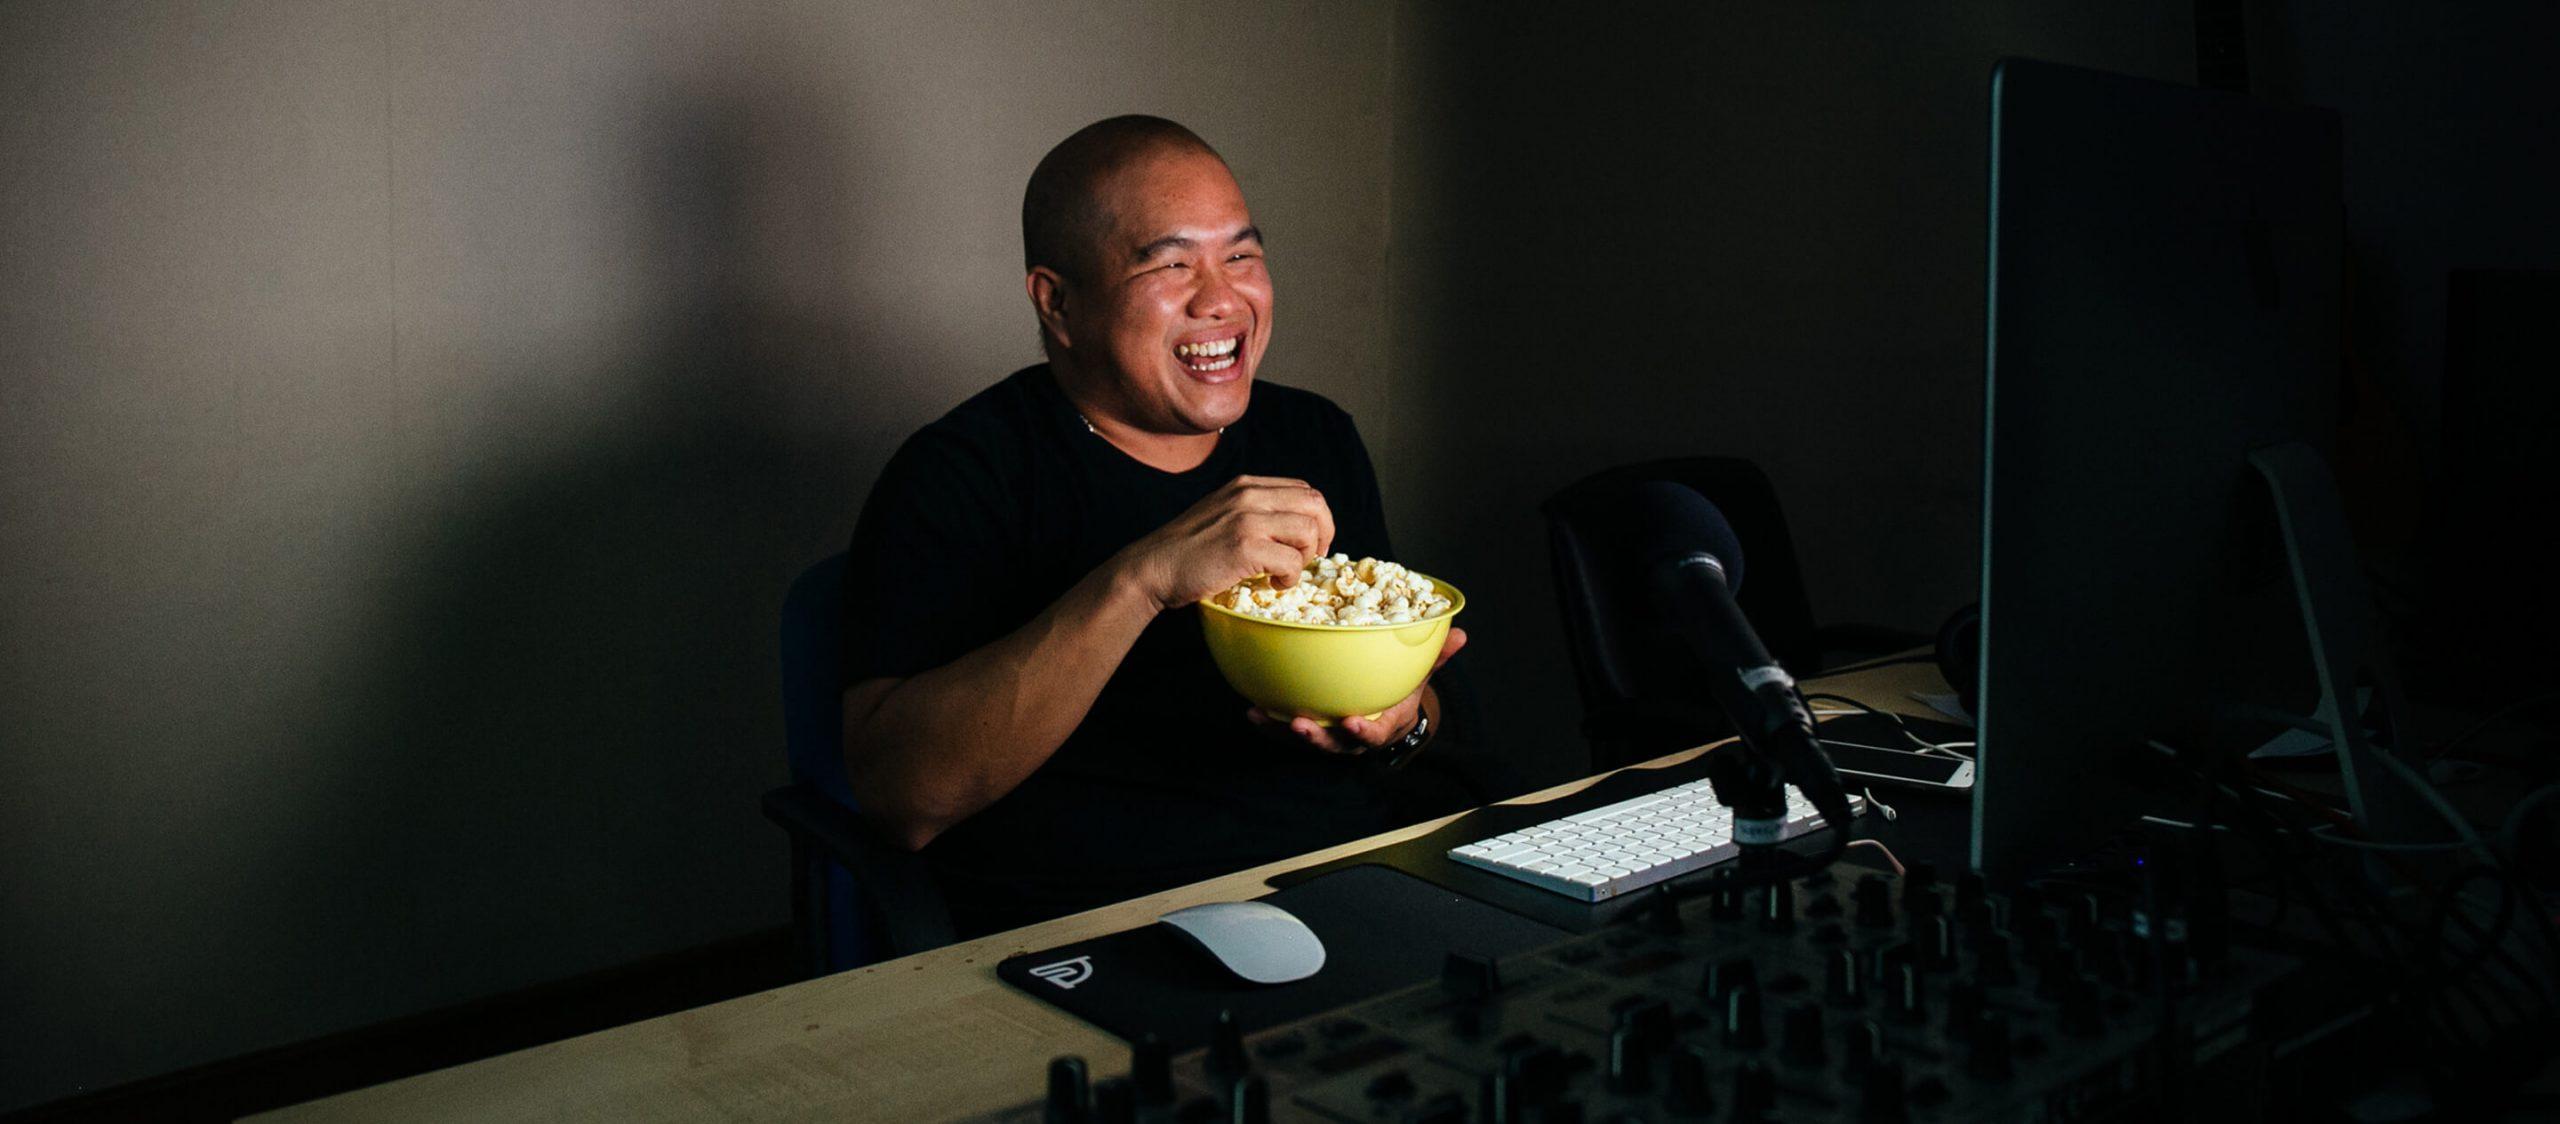 จีน Viewfinder คนเล่าเรื่องหนังที่ไม่ต้องเนิร์ดหนังก็ฟังสนุกจนมีผู้ติดตามกว่าครึ่งล้าน